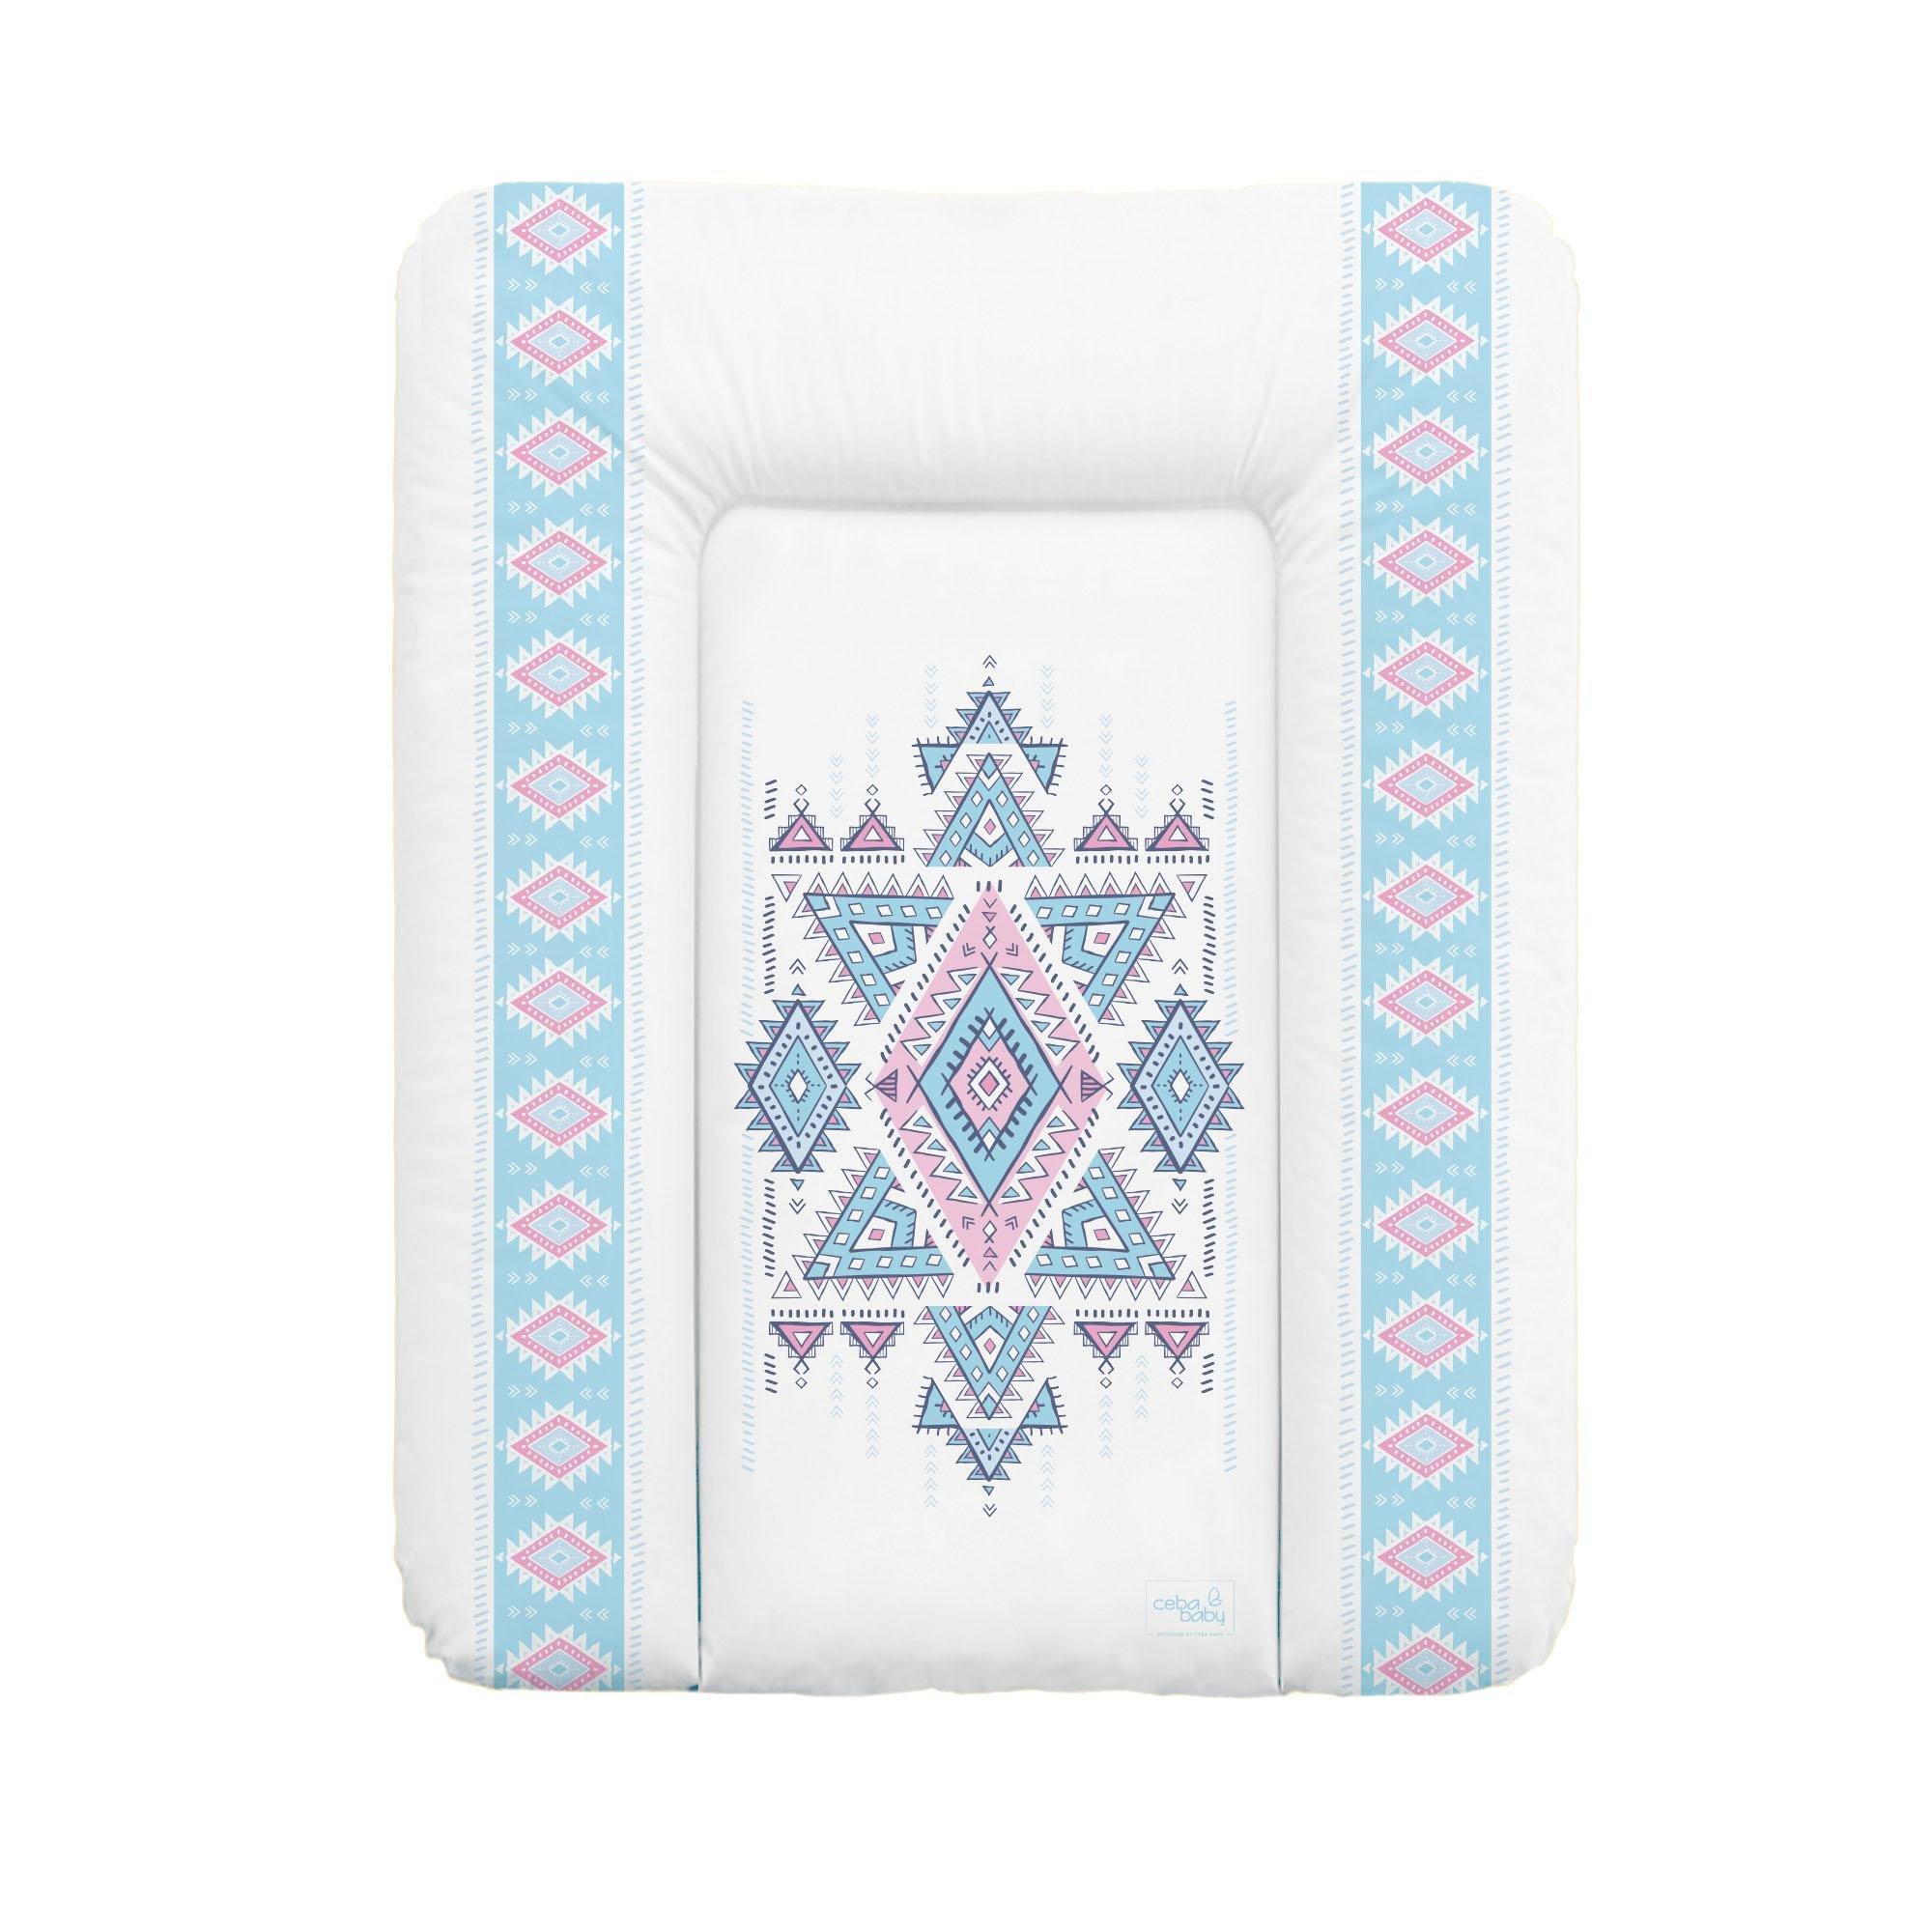 Pøebalovací podložka na komodu mìkká Azteca 50x70 cm - zvìtšit obrázek